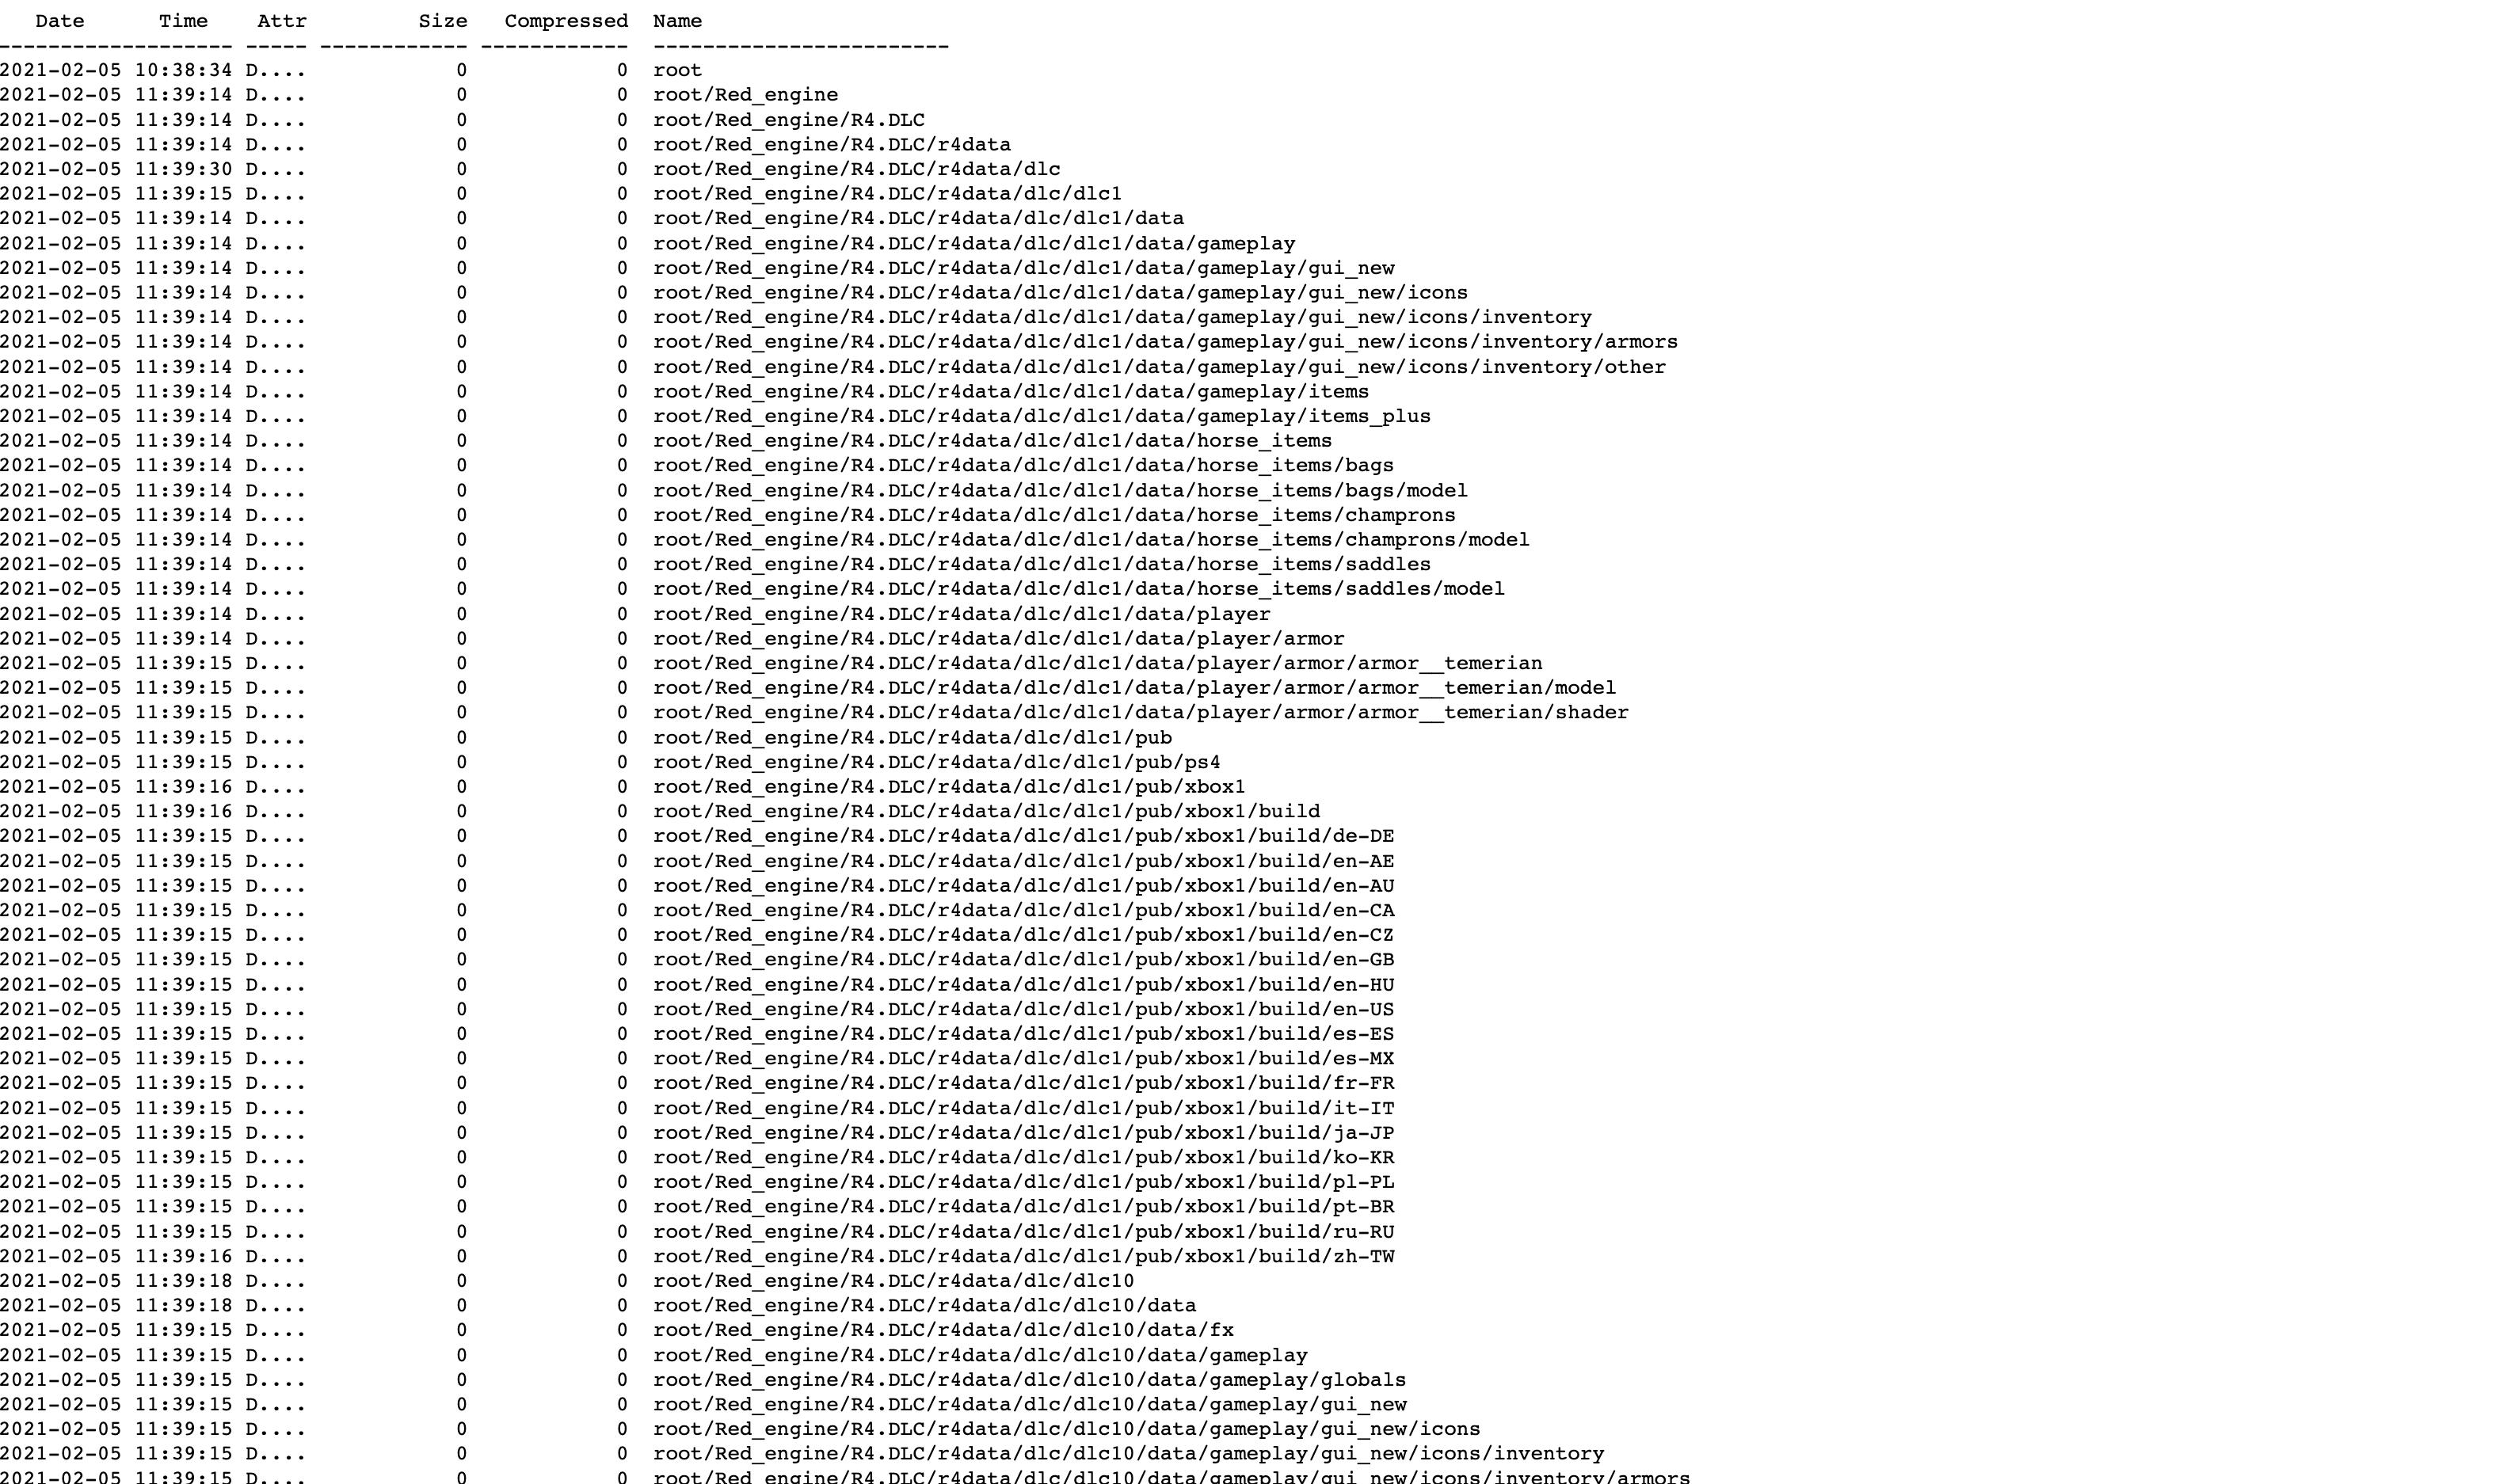 黑客入侵CD Projekt RED 遊戲原始碼放論壇拍賣